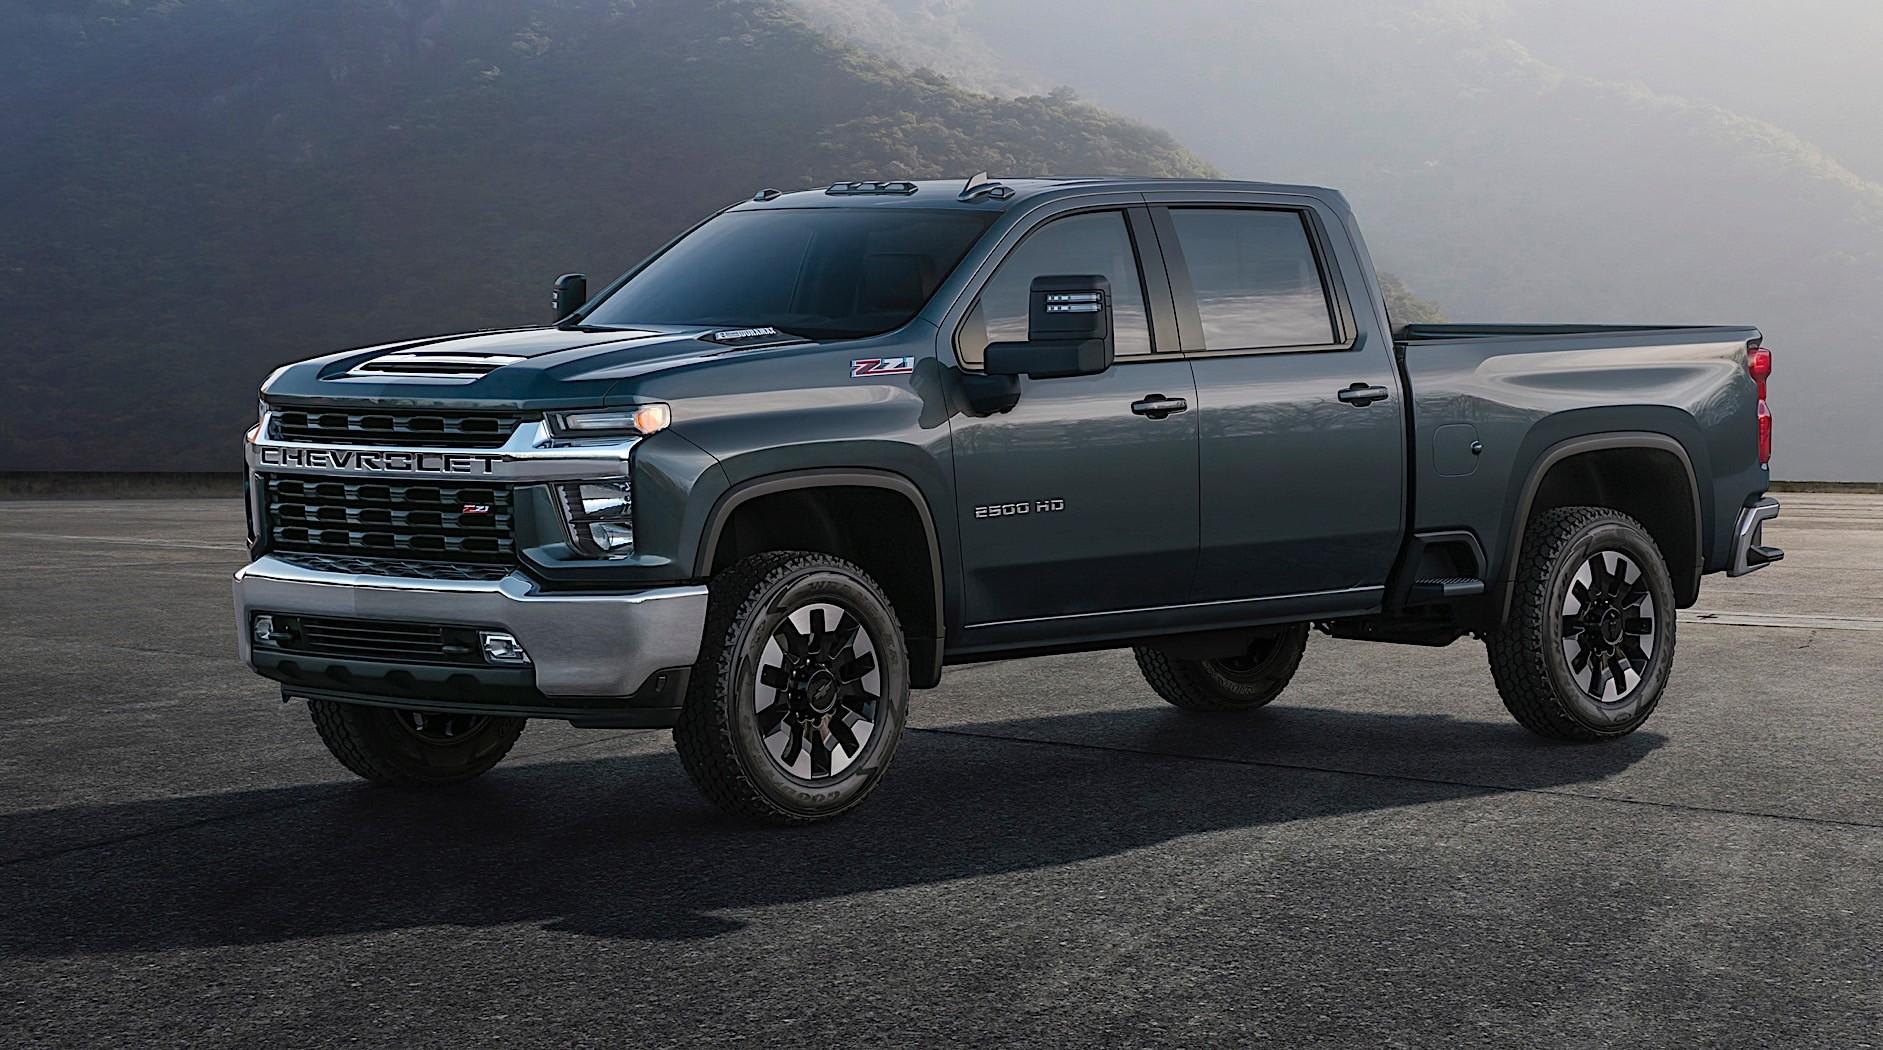 Chevrolet Silverado HD 2019 (1)